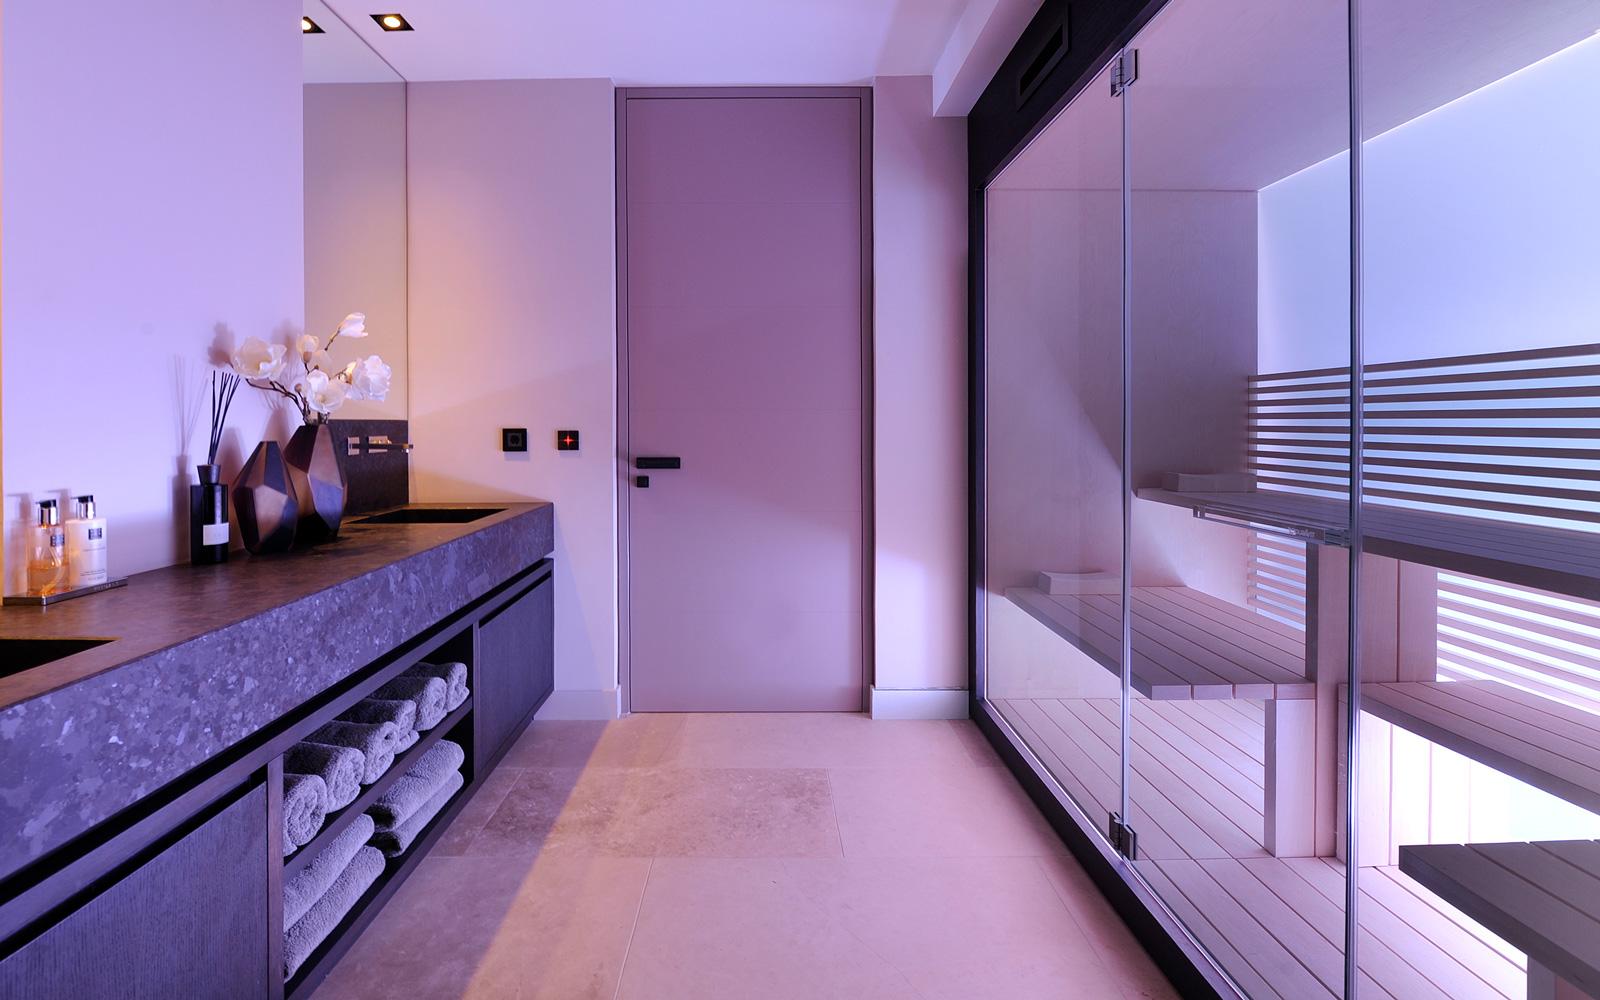 De sauna is afgewerkt met paarse led verlichting.